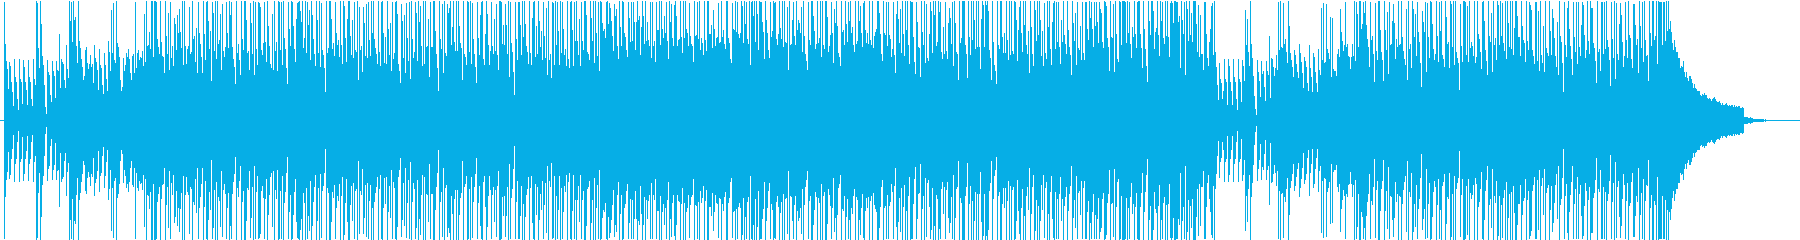 夏空の軽やかなポップスの再生済みの波形